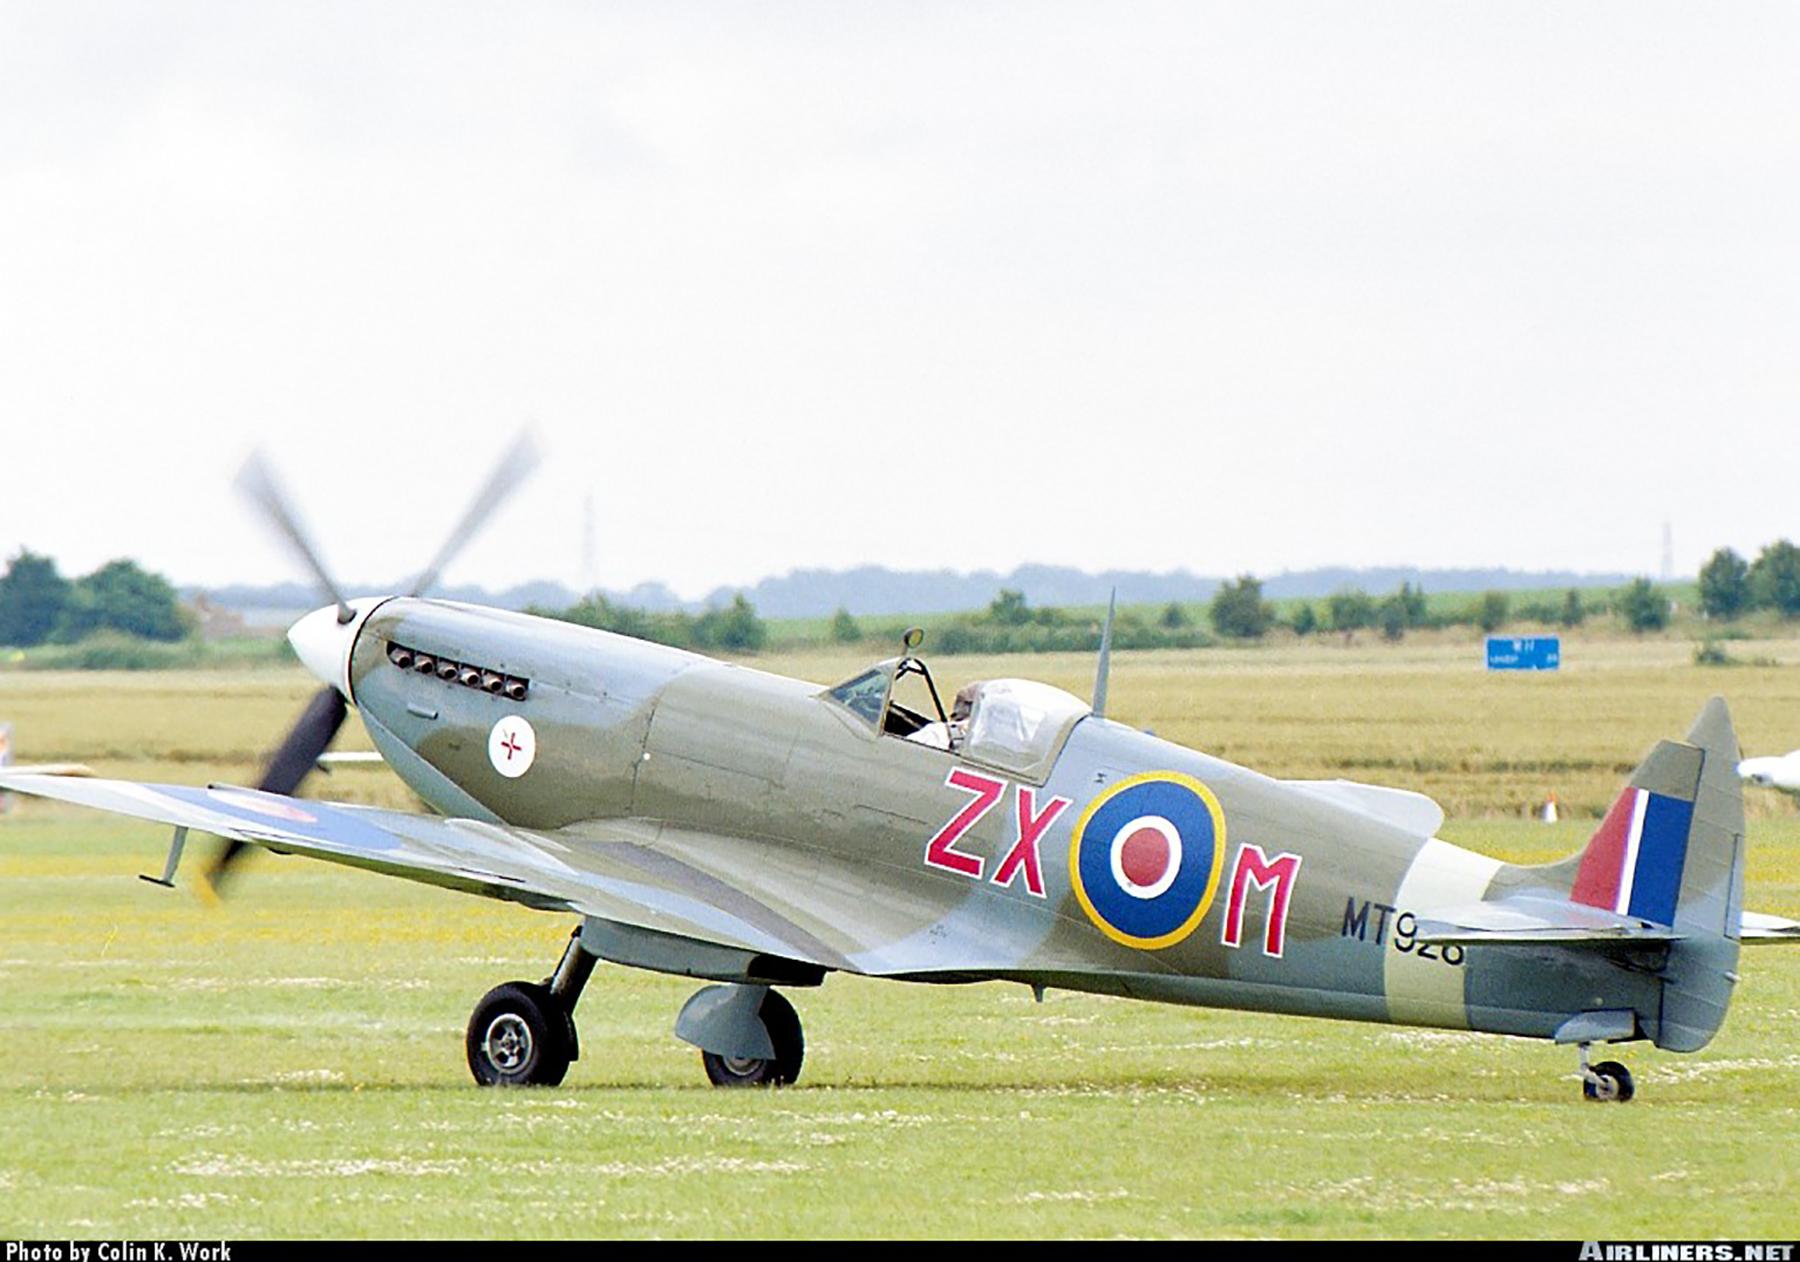 Airworthy Spitfire warbird MkVIII RAF 145Sqn ZXM MT928 04